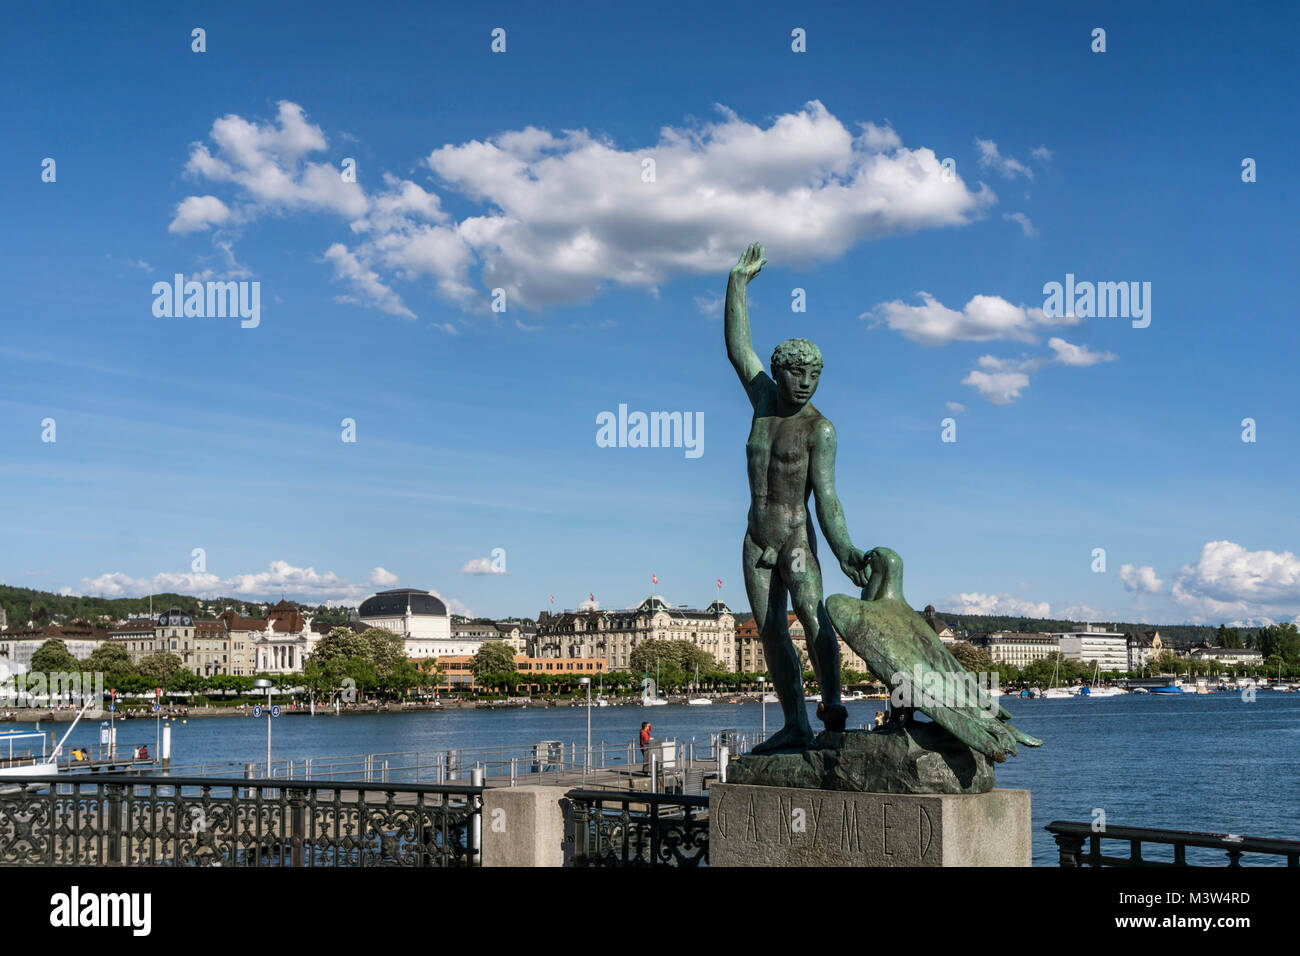 Schweiz Zürich Ganymed statue am Ufer Zürichsee   Schweiz Zürich siehe Ganymed Statue Stockbild